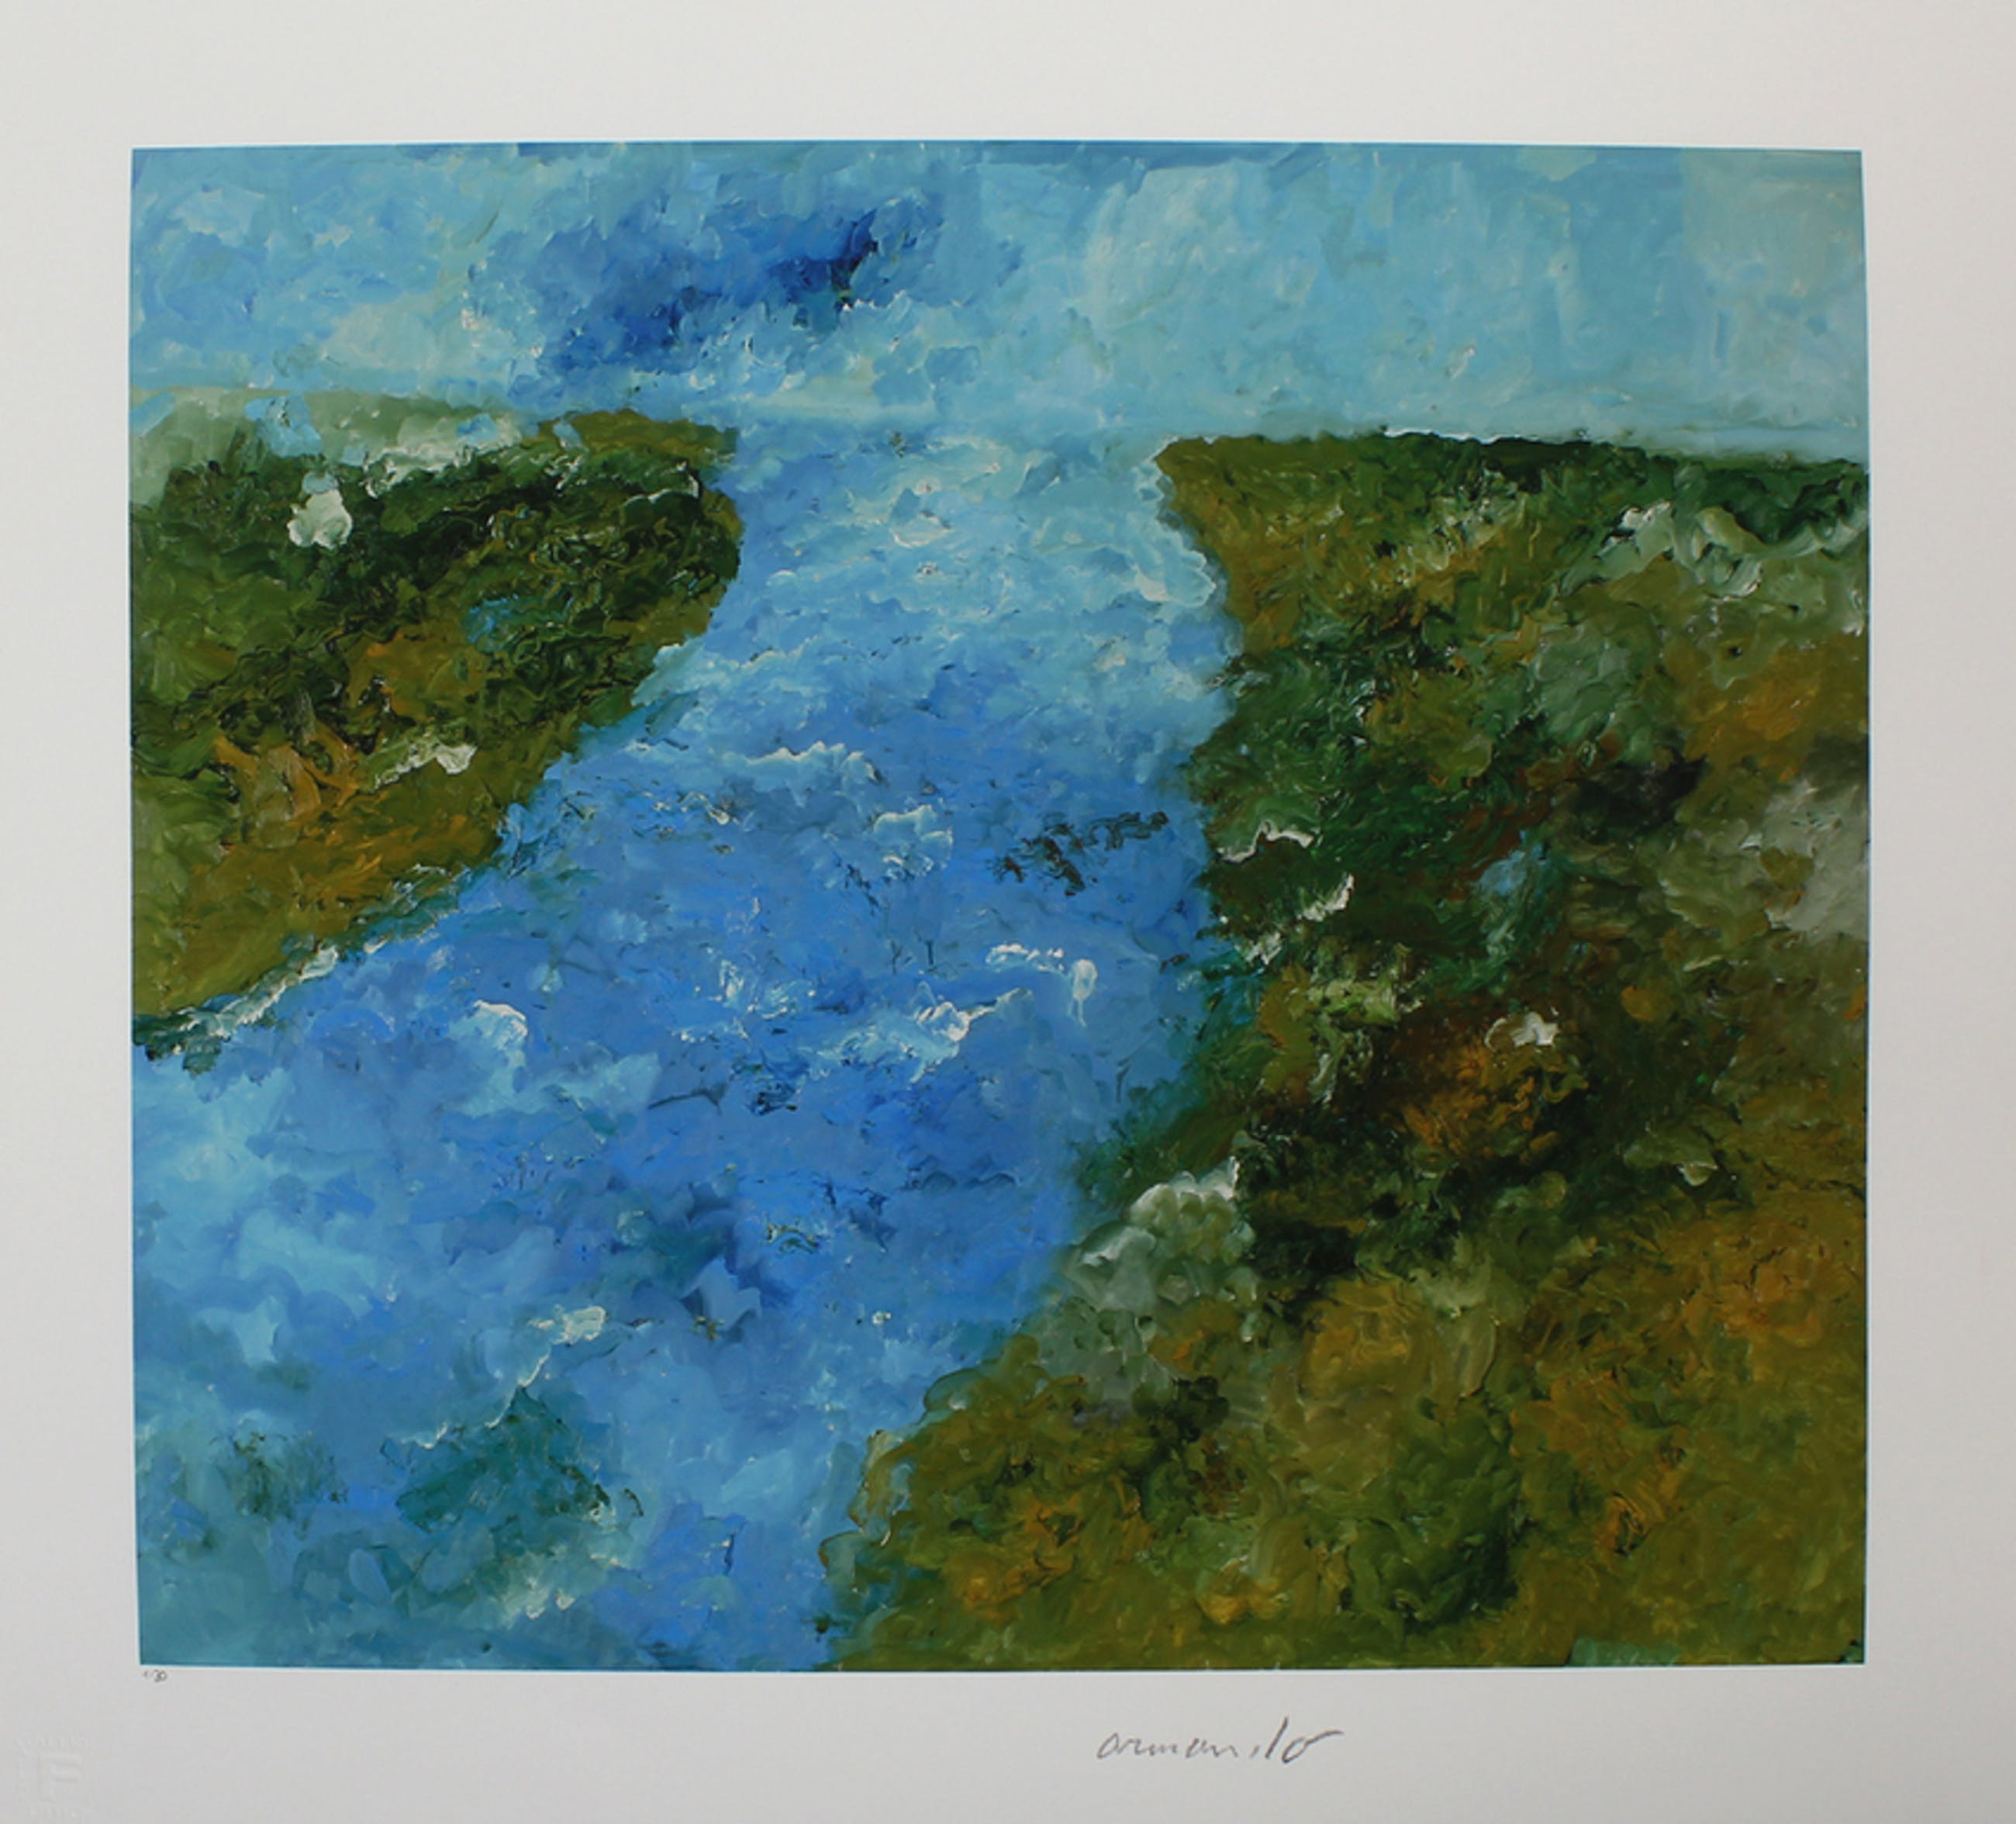 Armando -Der Fluss- 2016, Giclee, handgesigneerd, Oplage slechts 30 stuks. kopen? Bied vanaf 159!